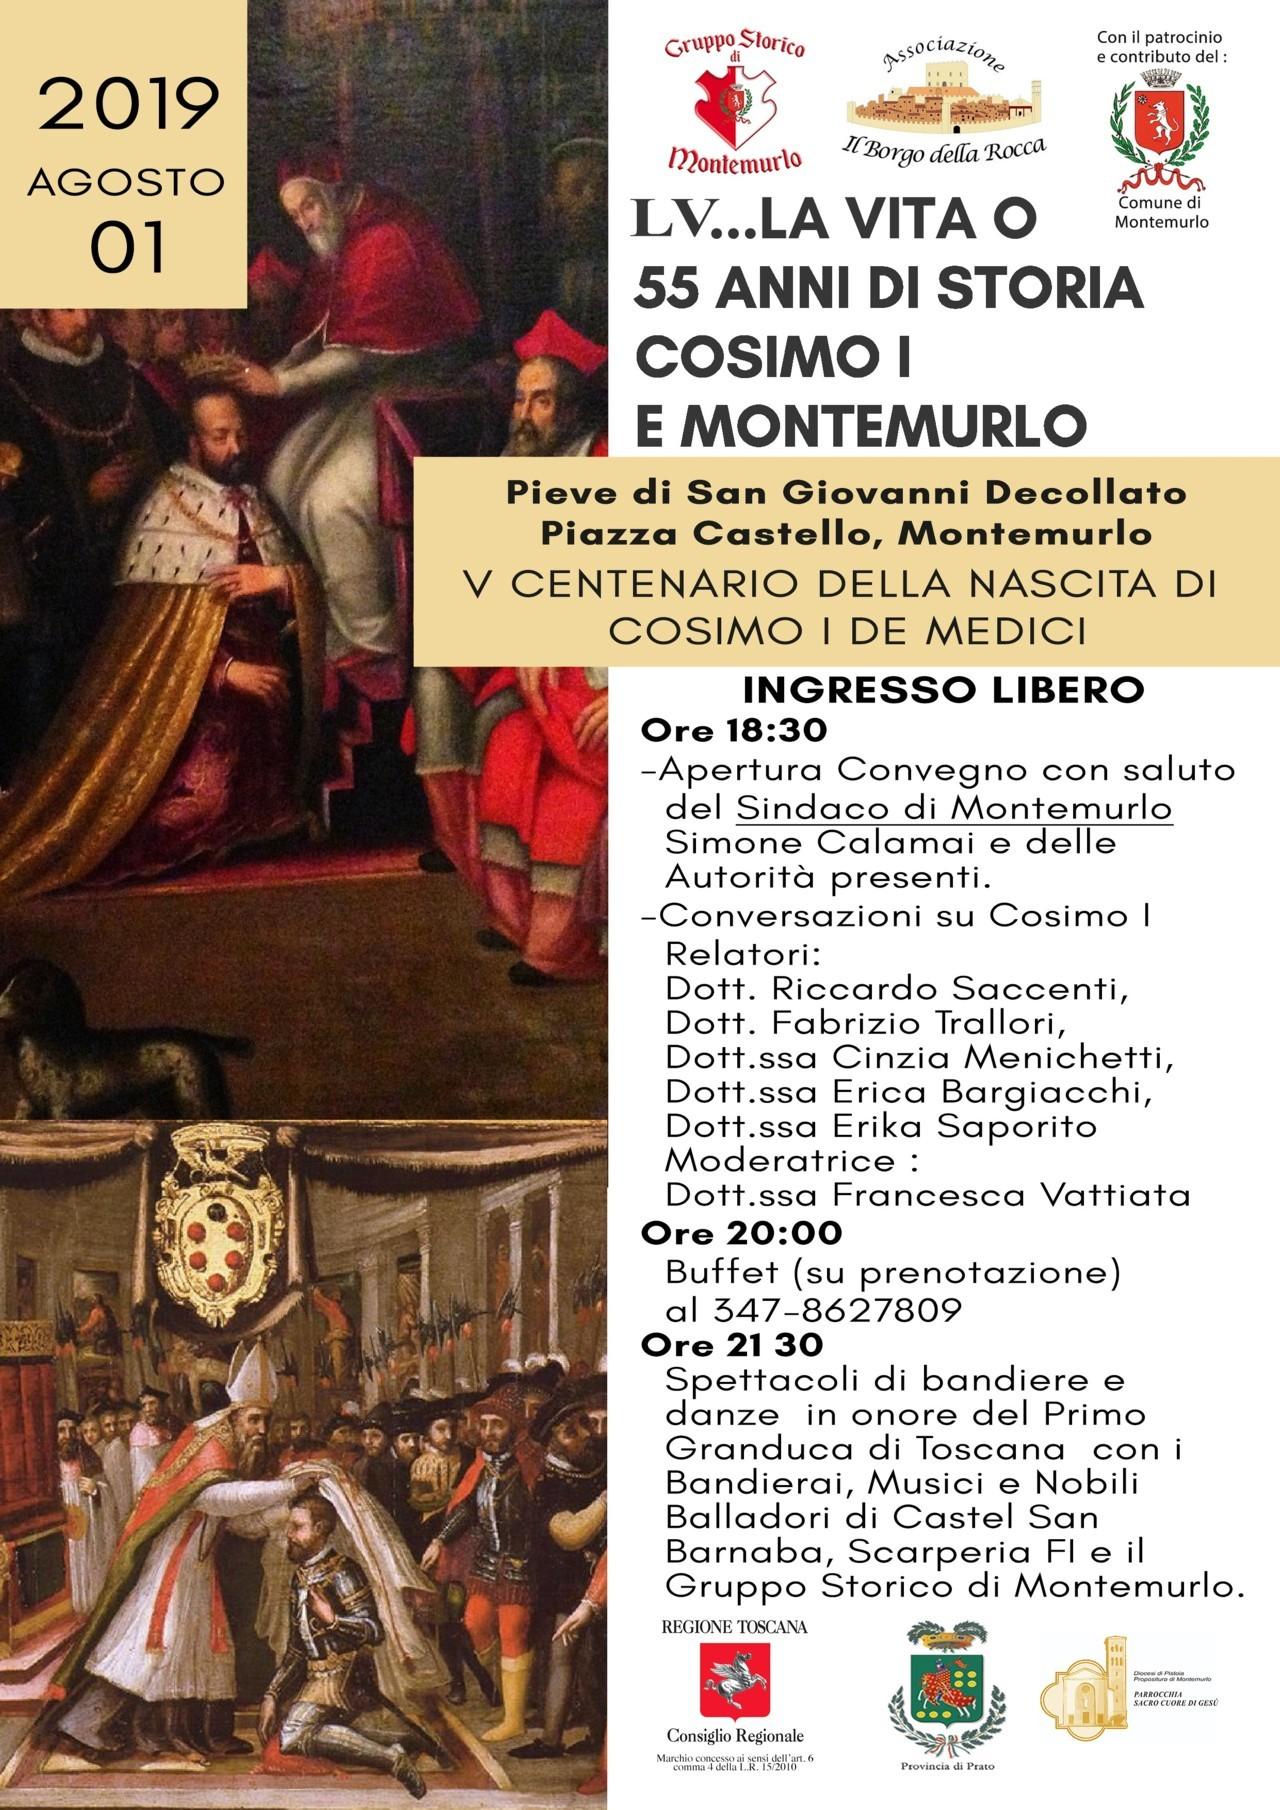 lv-la-vita-o-55-anni-di-storia-cosimo-i-e-montemurlo_page1_image1-r